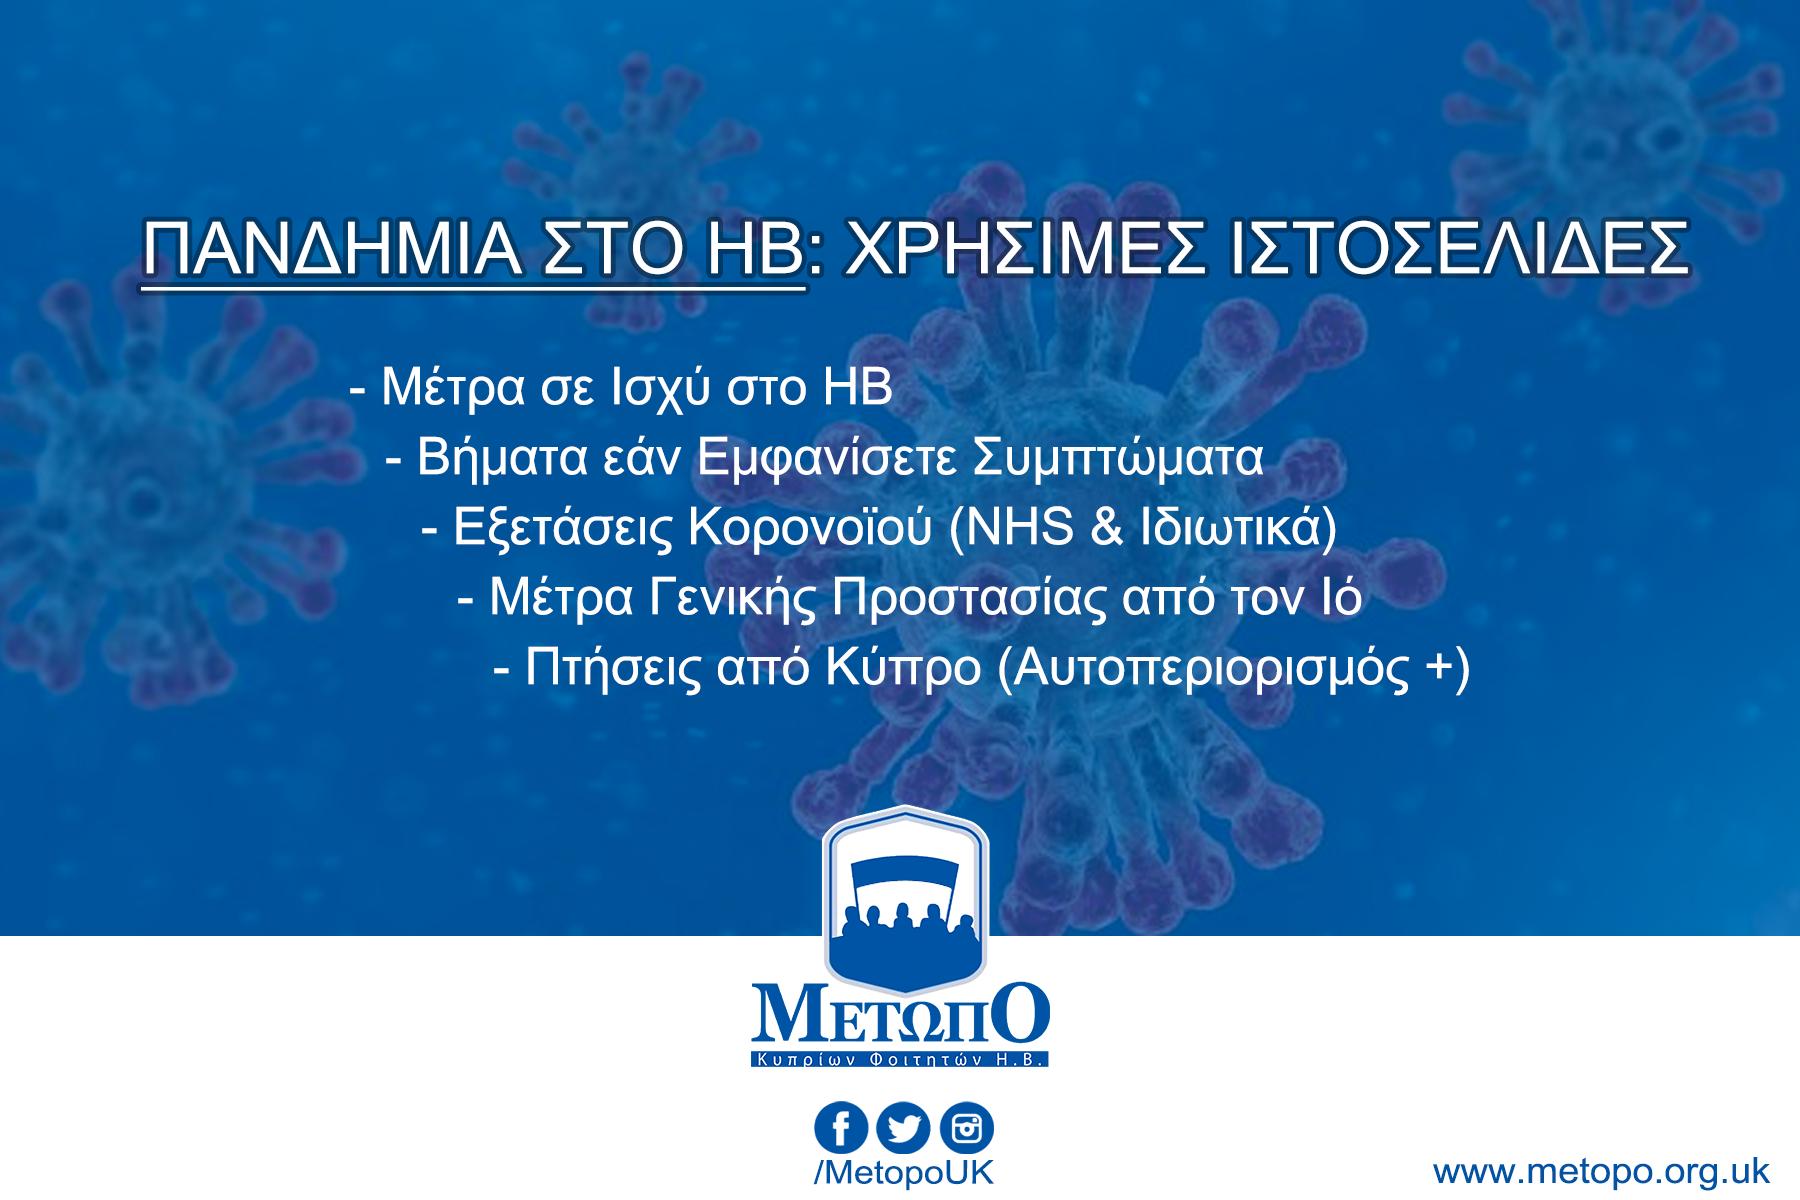 Πανδημία στο ΗΒ: Χρήσιμες Πληροφορίες και Ιστοσελίδες